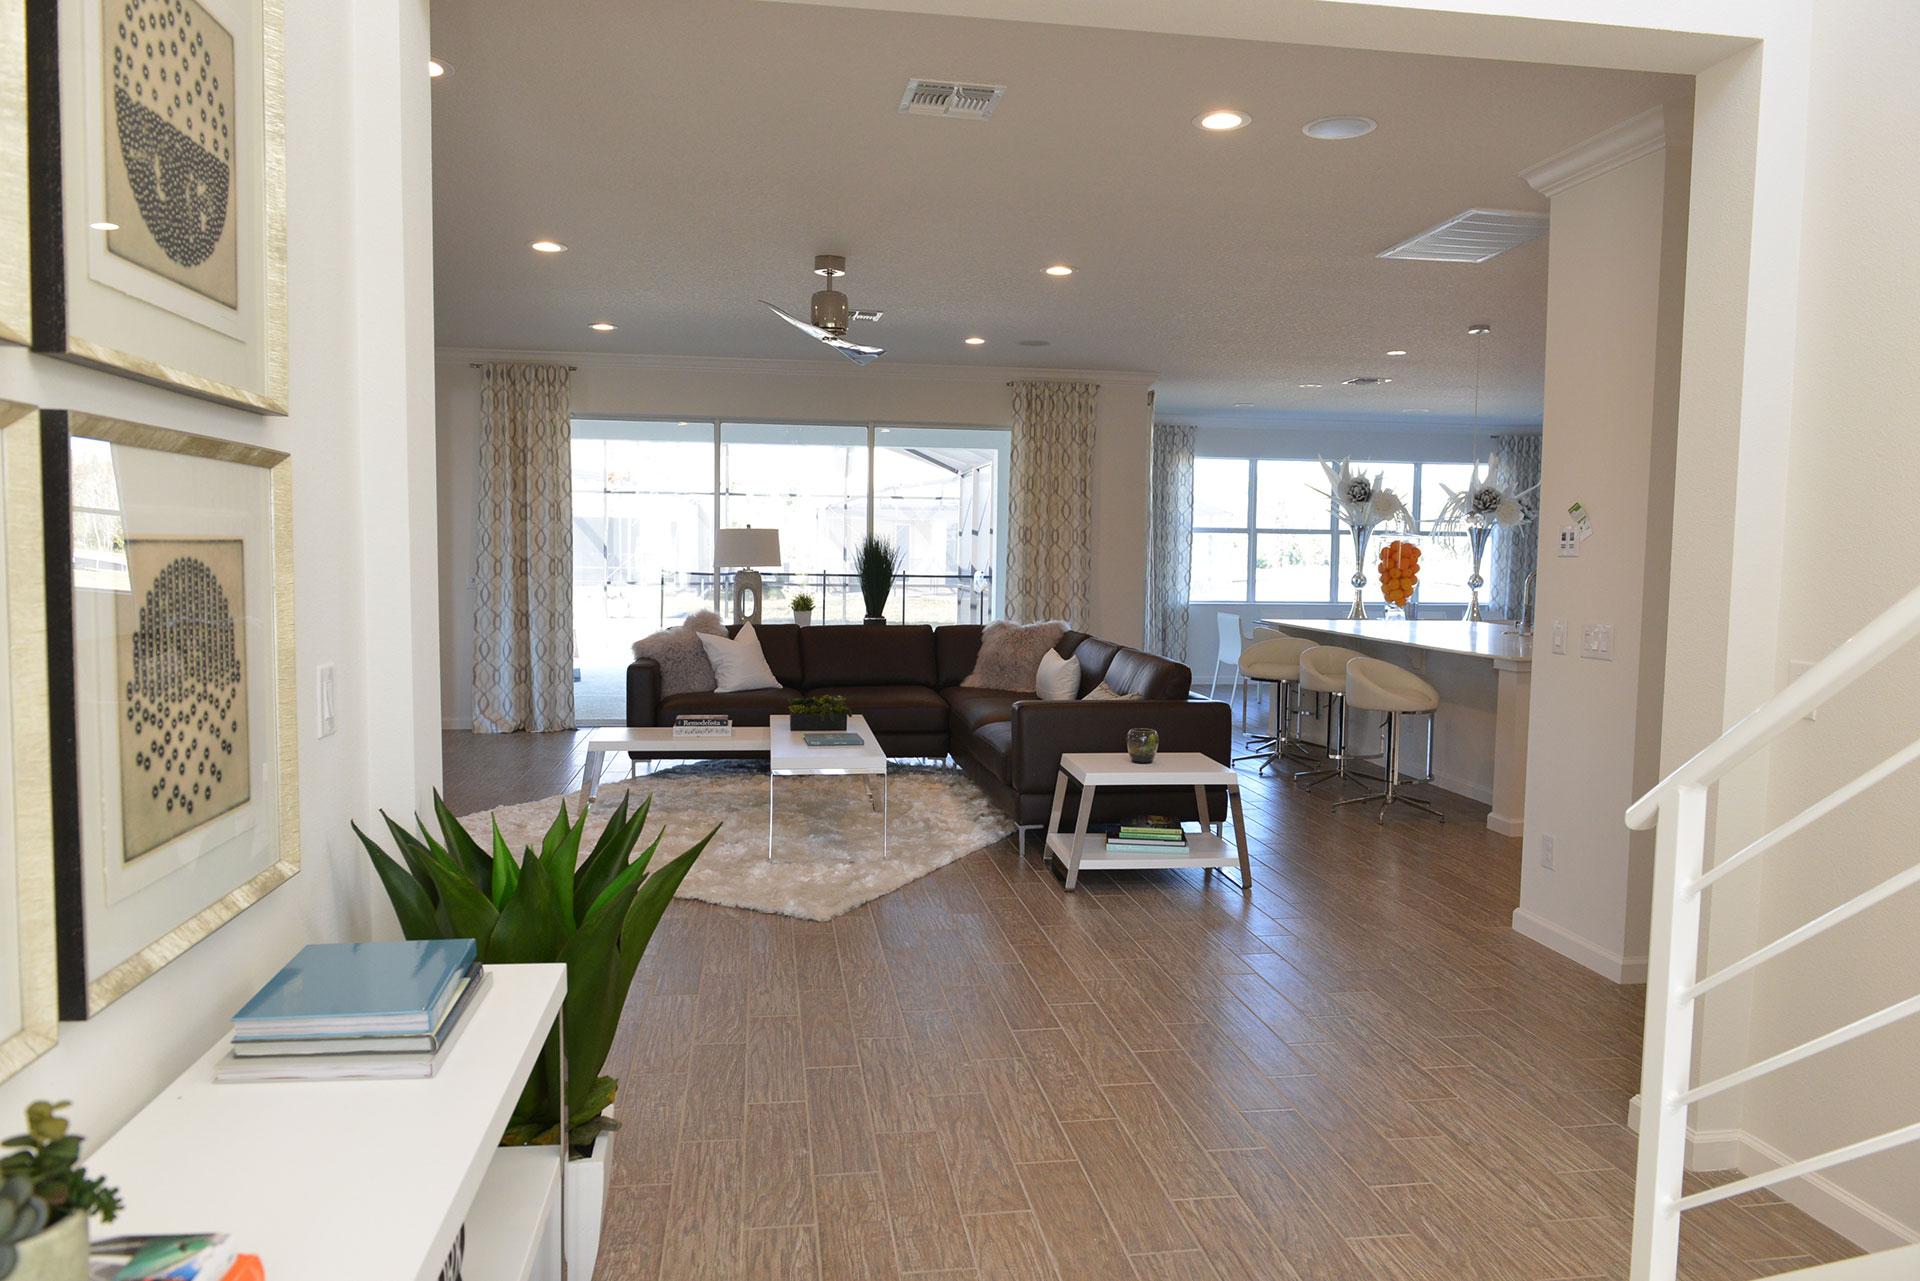 model-home-sonoma-resort-02.jpg